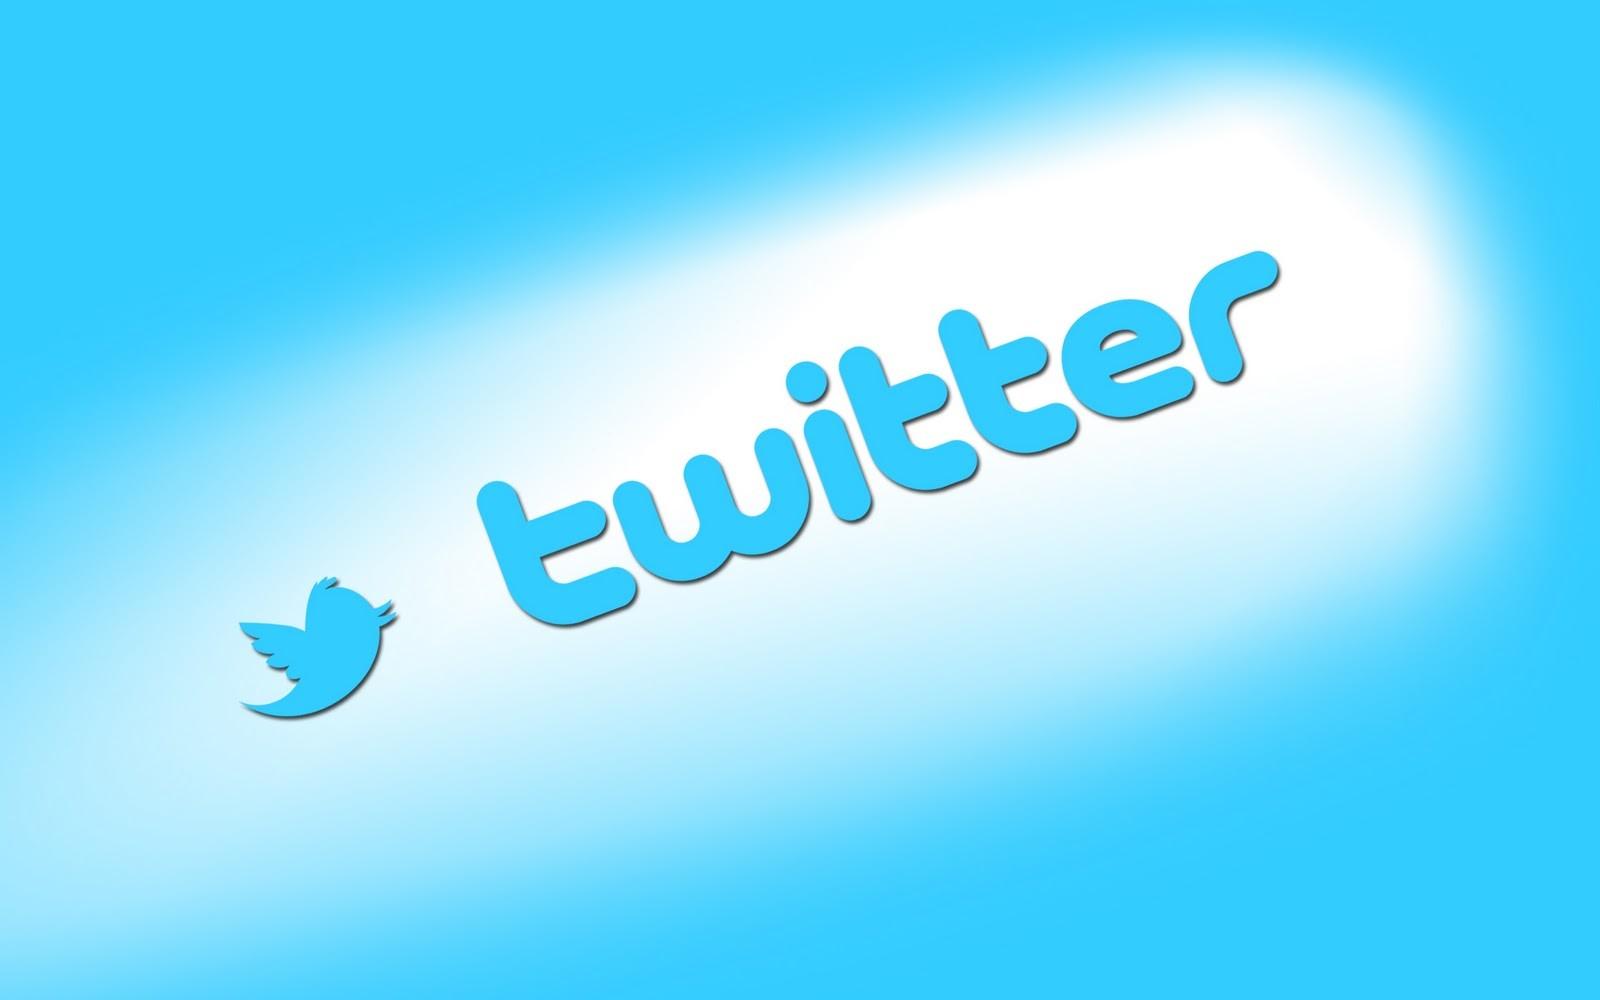 twitter wallpaper blue color - Как сделать ссылку с картинки на аккаунт Твиттера